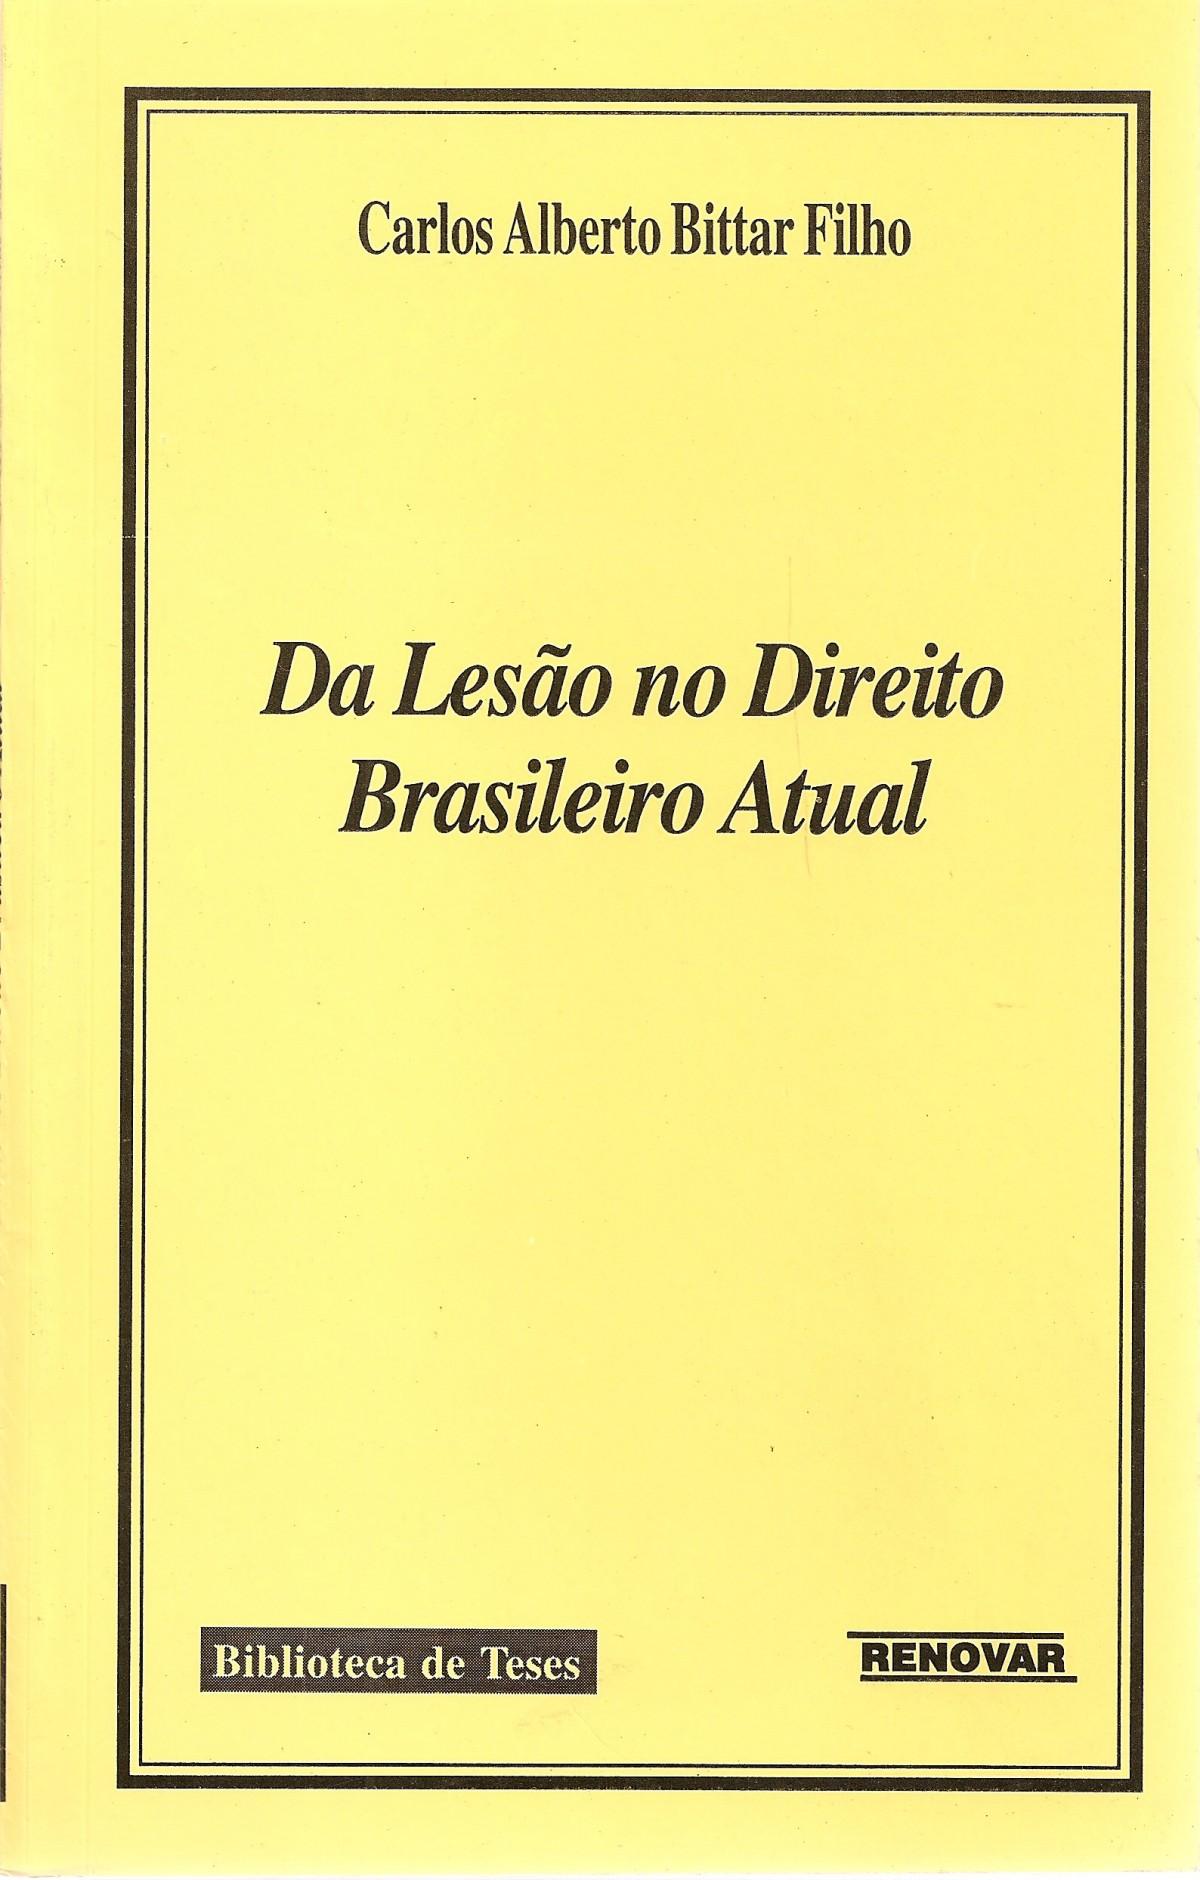 Foto 1 - Da Lesão no Direito Brasileiro Atual